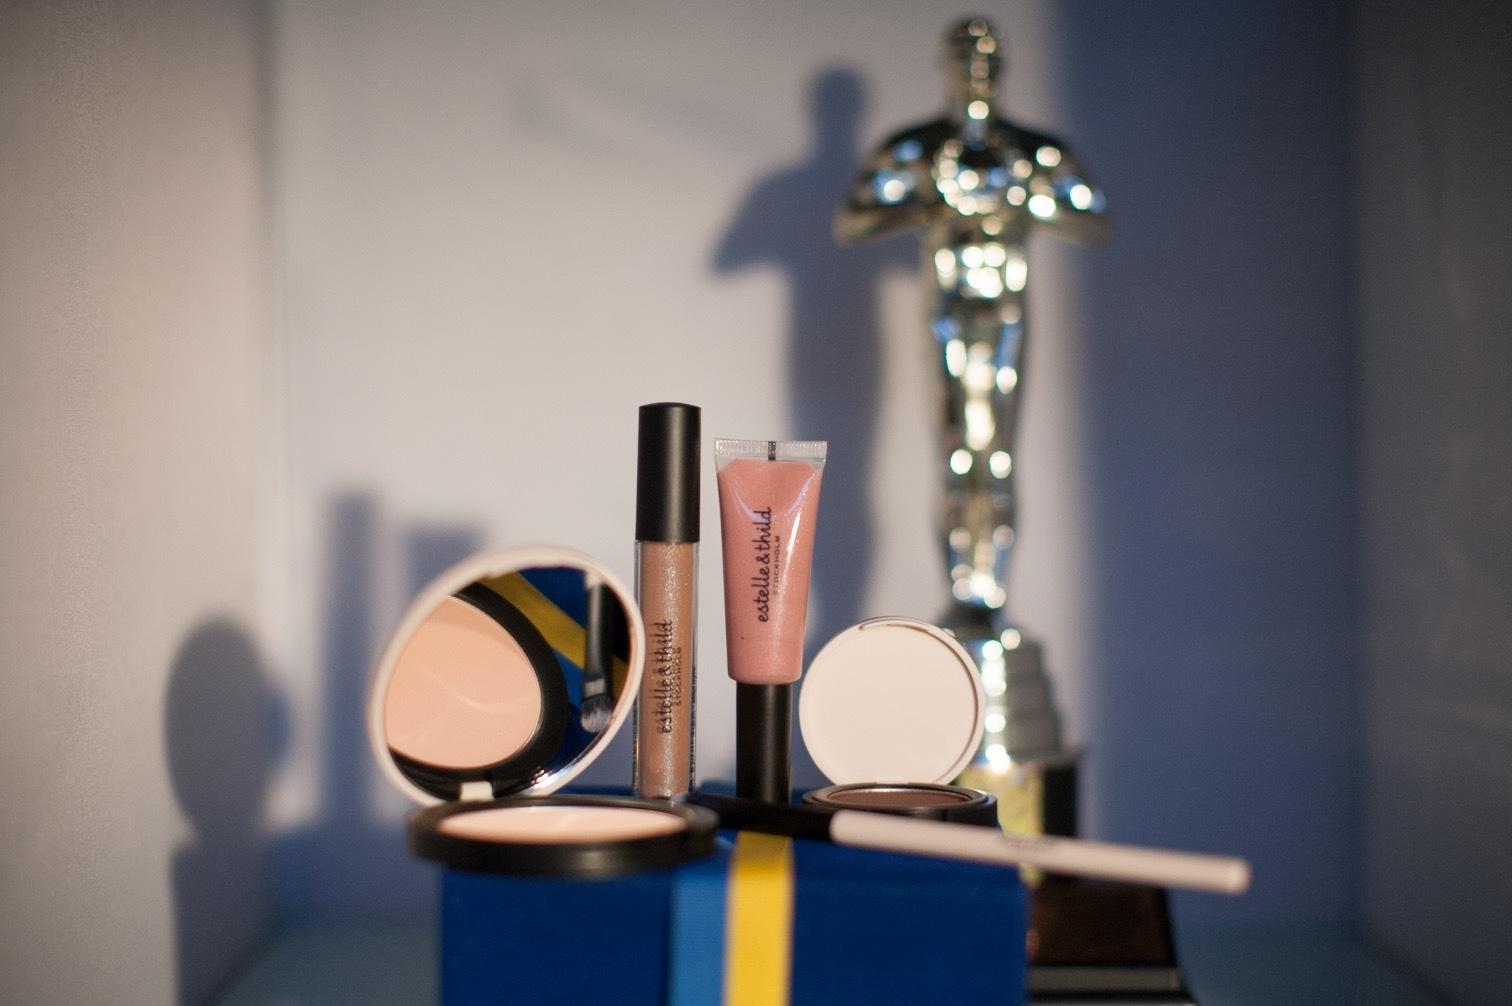 Estelle & Thilde firade 10 år med att lansera sin första makeup